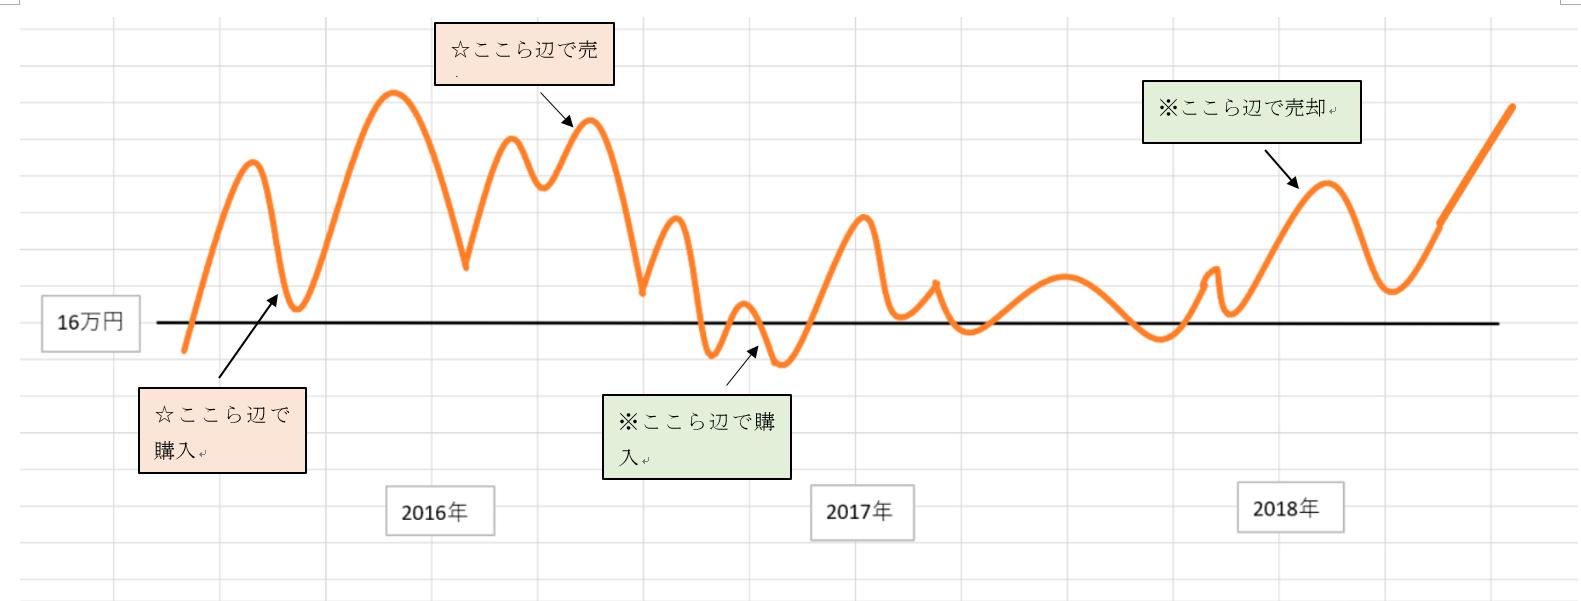 東急電鉄チャート